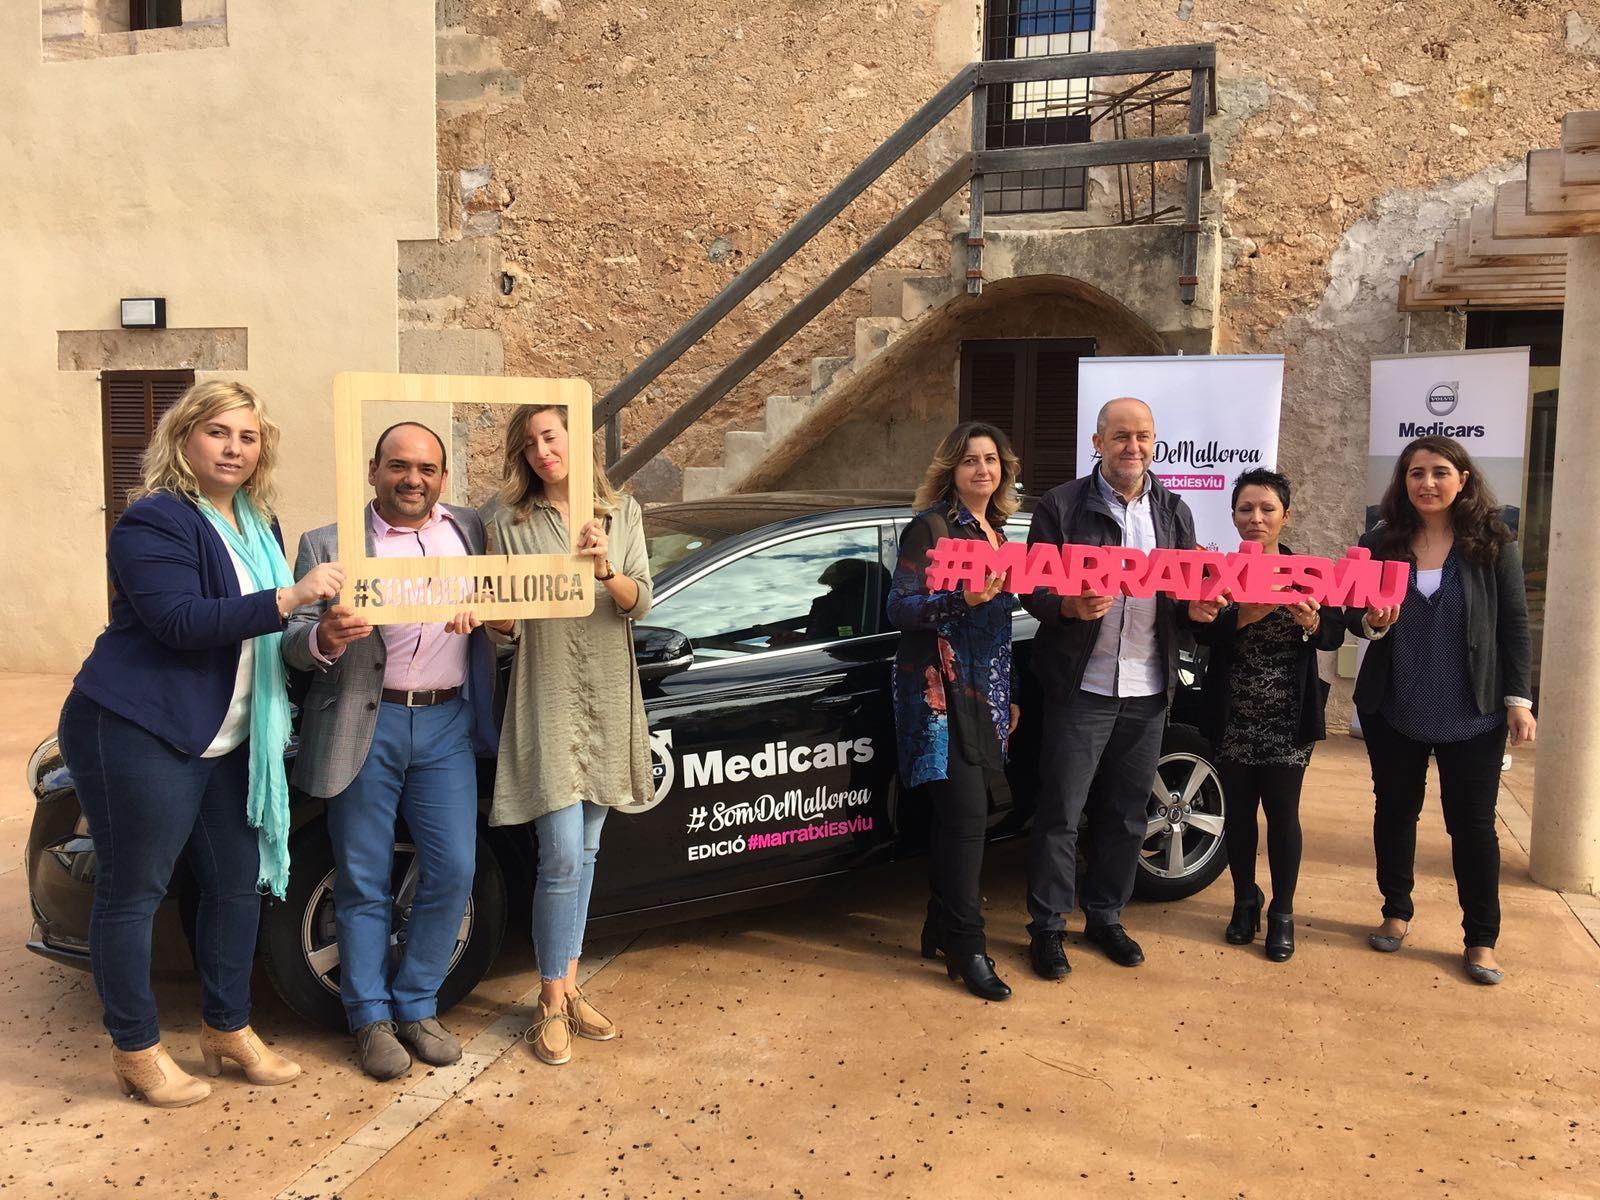 Volvo Medicars en el evento de Som de Mallorca y Ayuntamiento de Marratxi